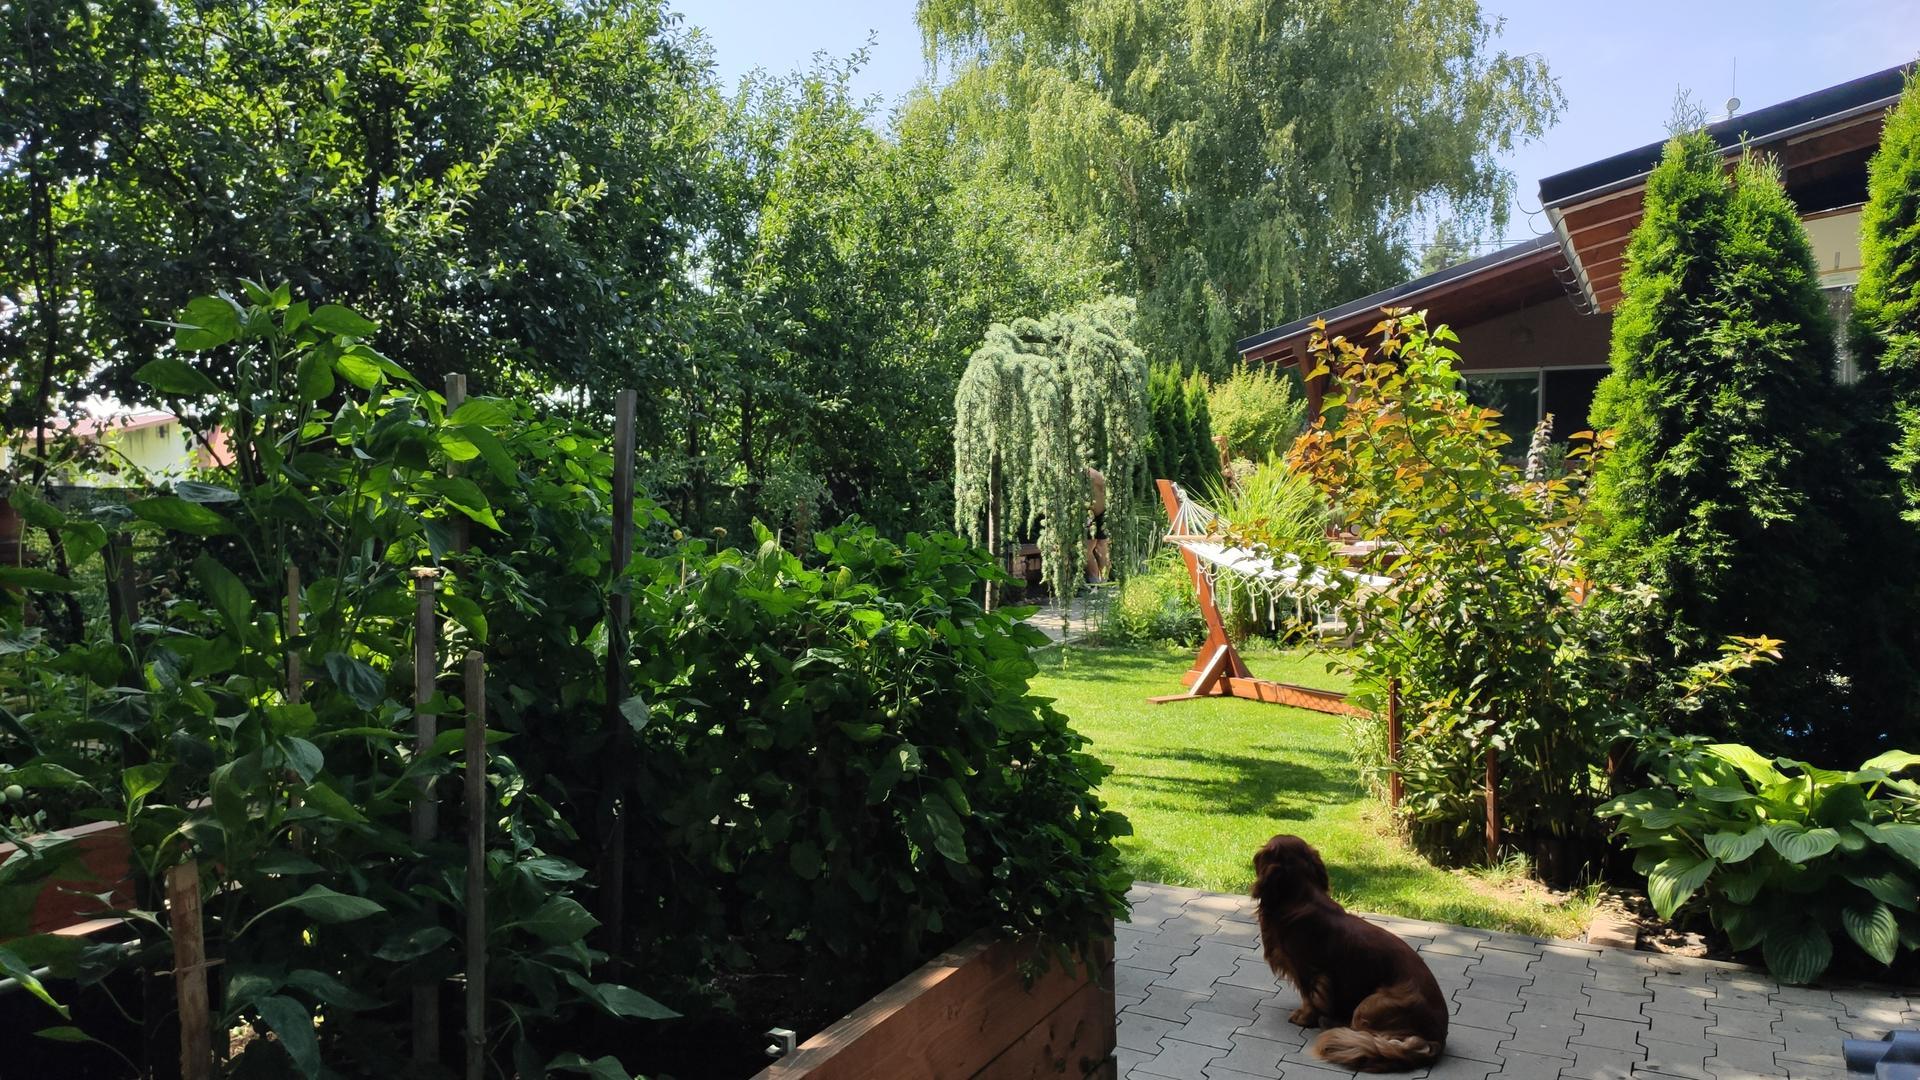 Vyvýšené záhony a úžitková záhrada - sezóna 2021 ... príprava, sadenie, starostlivosť - Obrázok č. 65